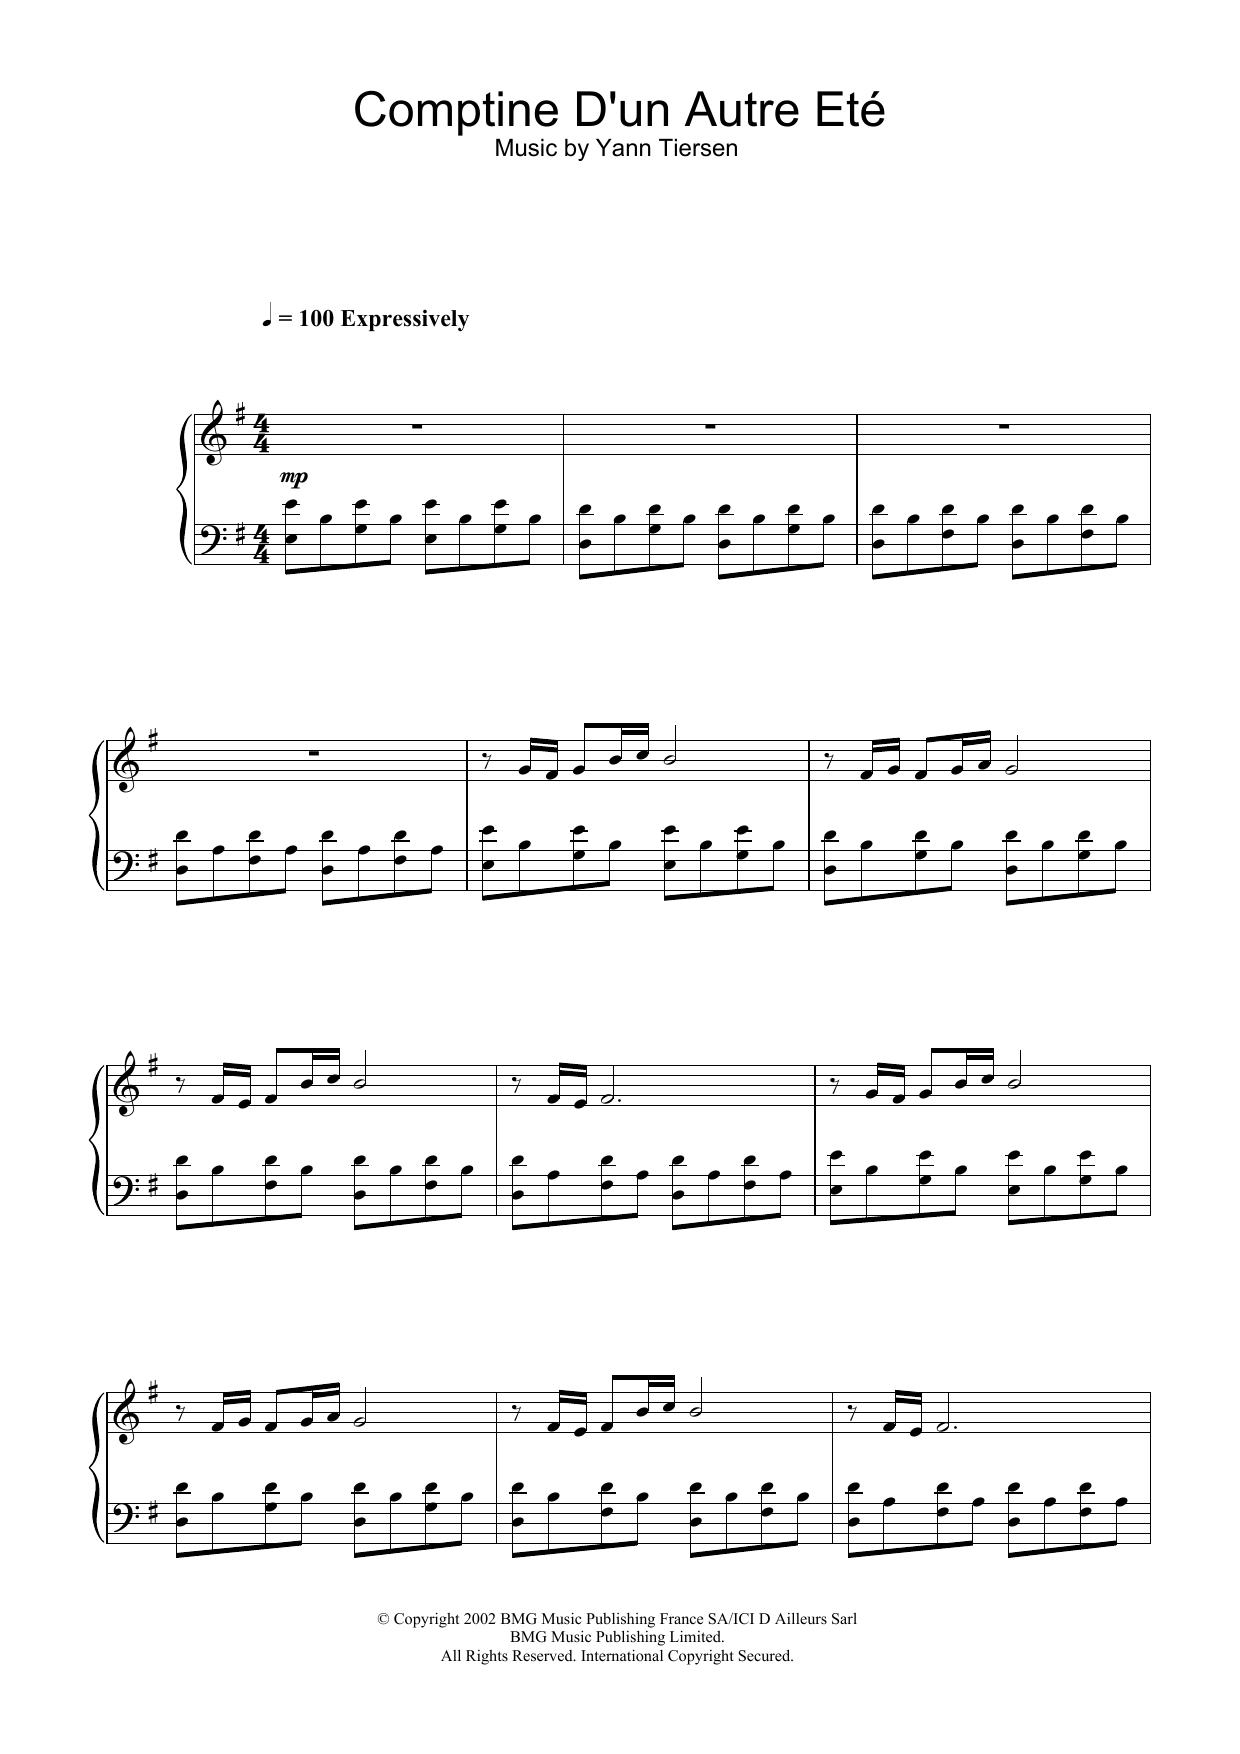 Comptine D'un Autre Eté (from Amélie) sheet music